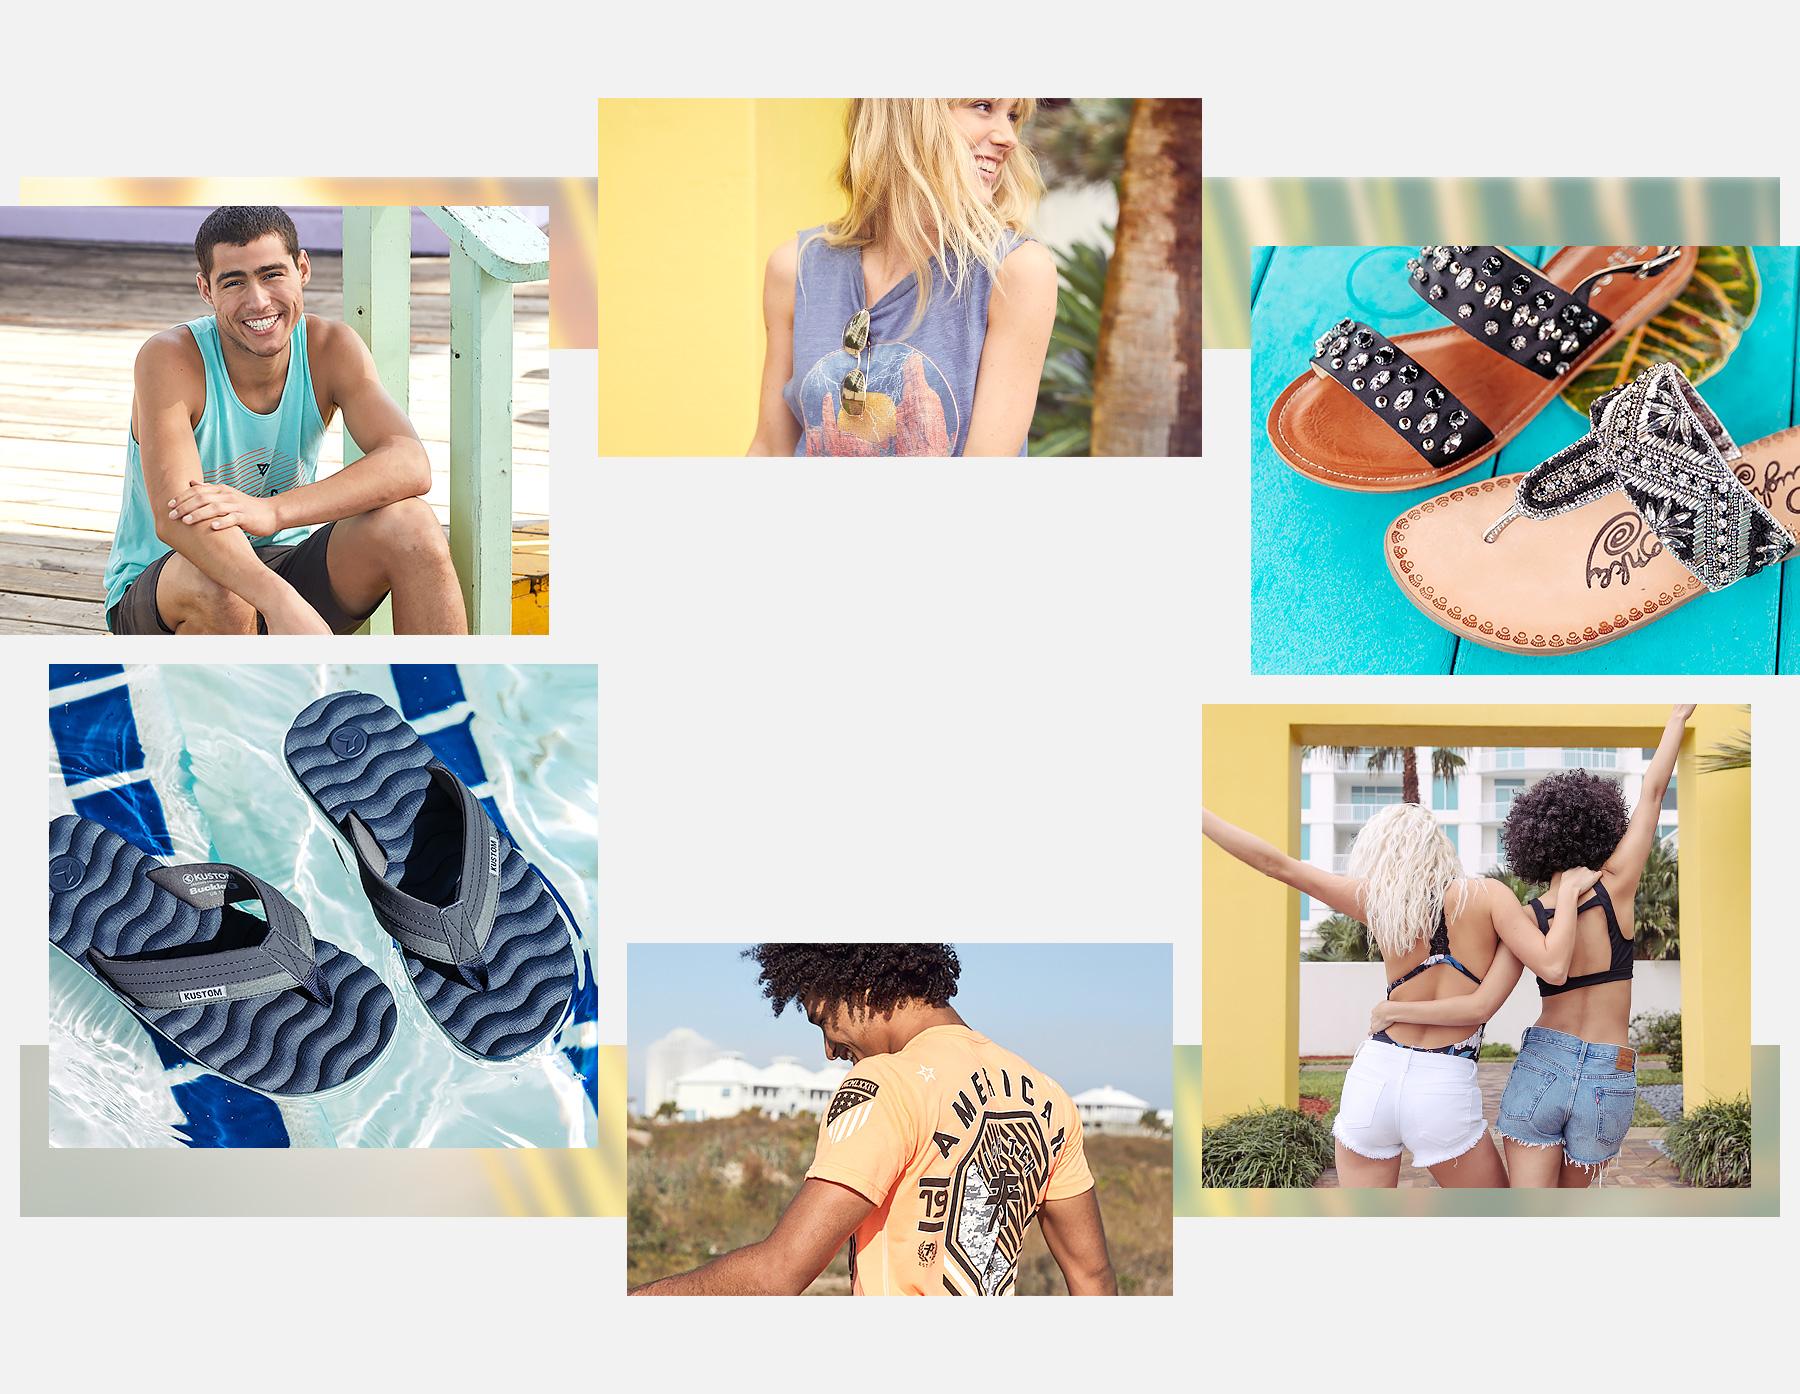 Guys wearing graphic tops. Girls wearing swimwear and denim shorts. Three pairs of sandals.